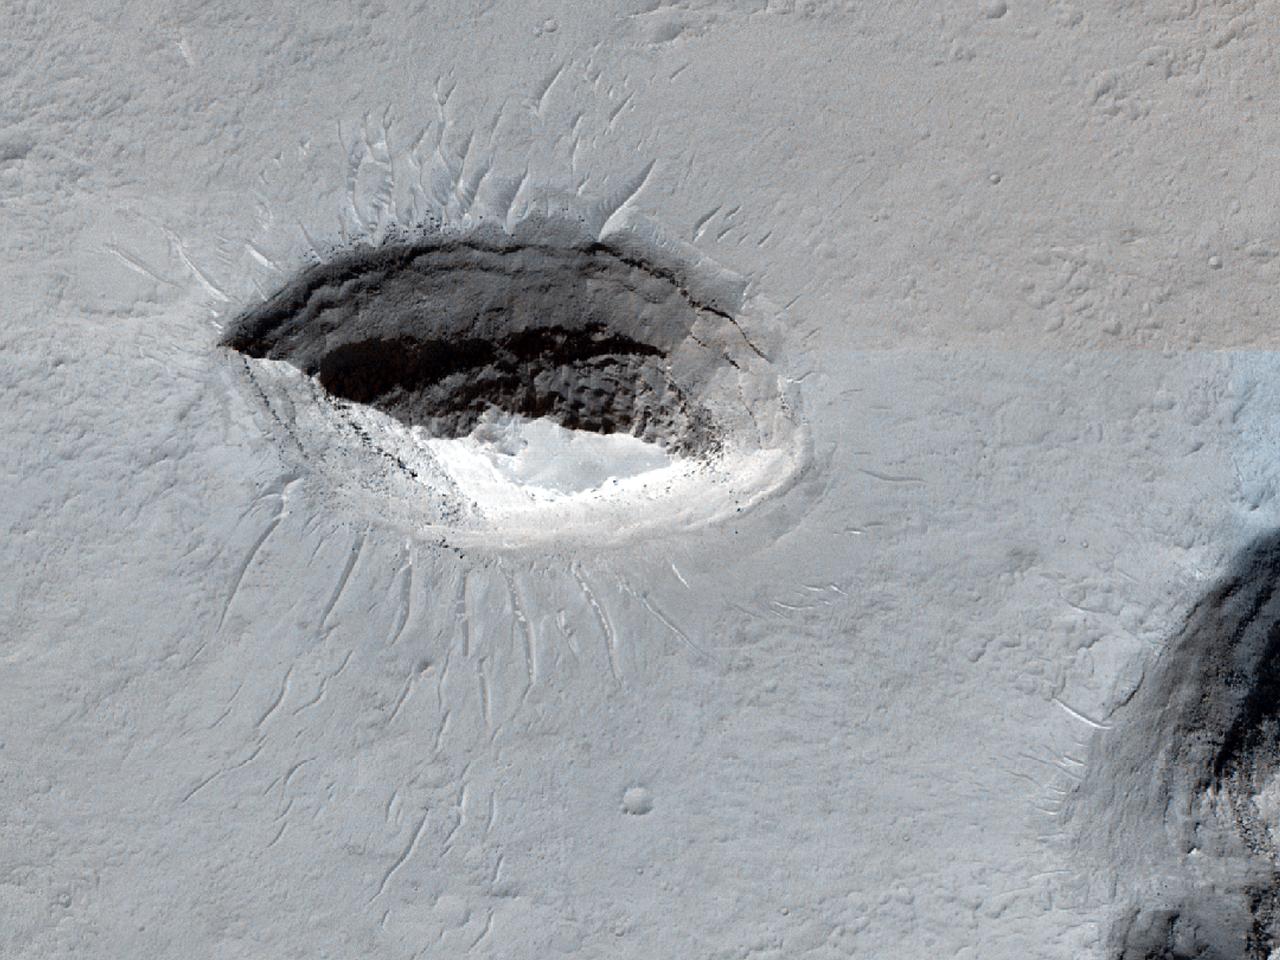 Terra inter crateres sita ad septentrionales et occidentem Crateris Crommelin